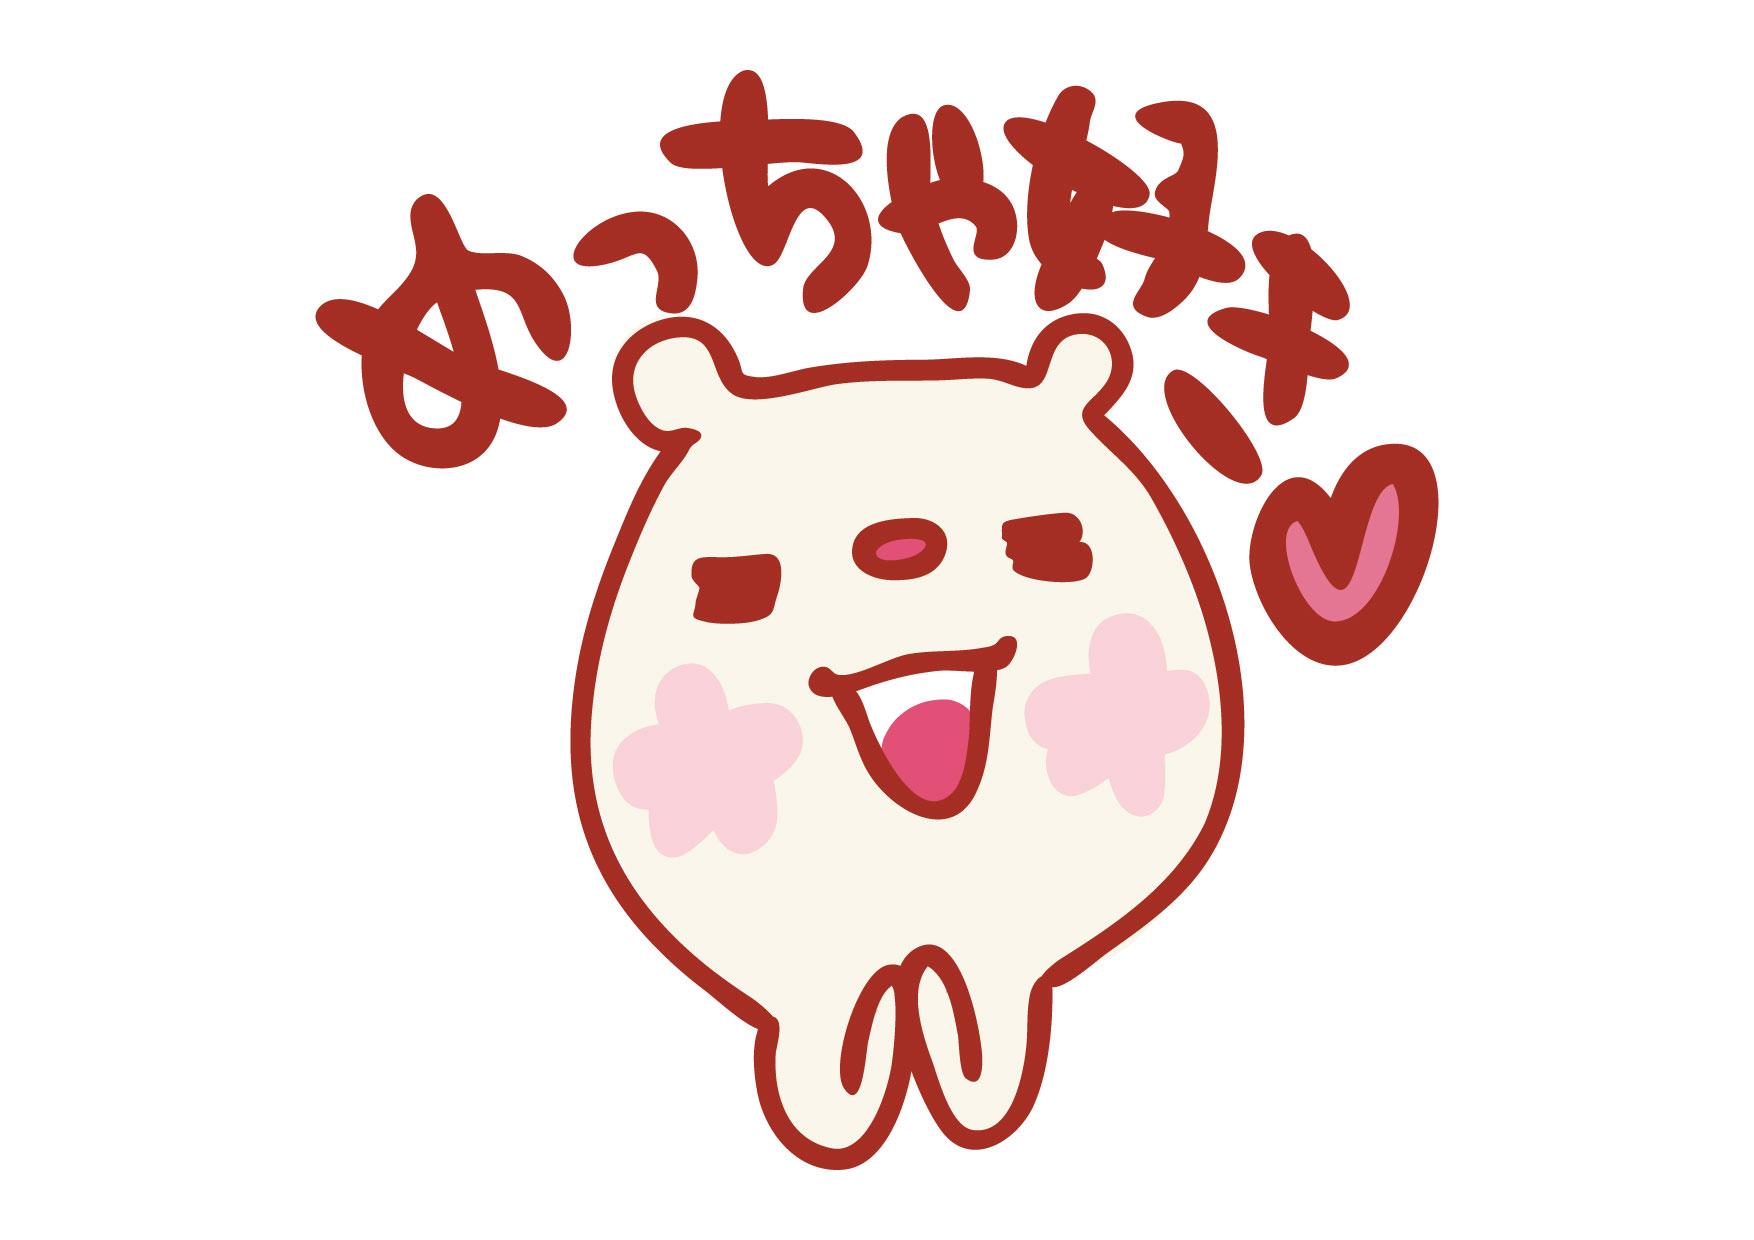 可愛いイラスト無料|くまさん 大好き − free illustration Bear heart